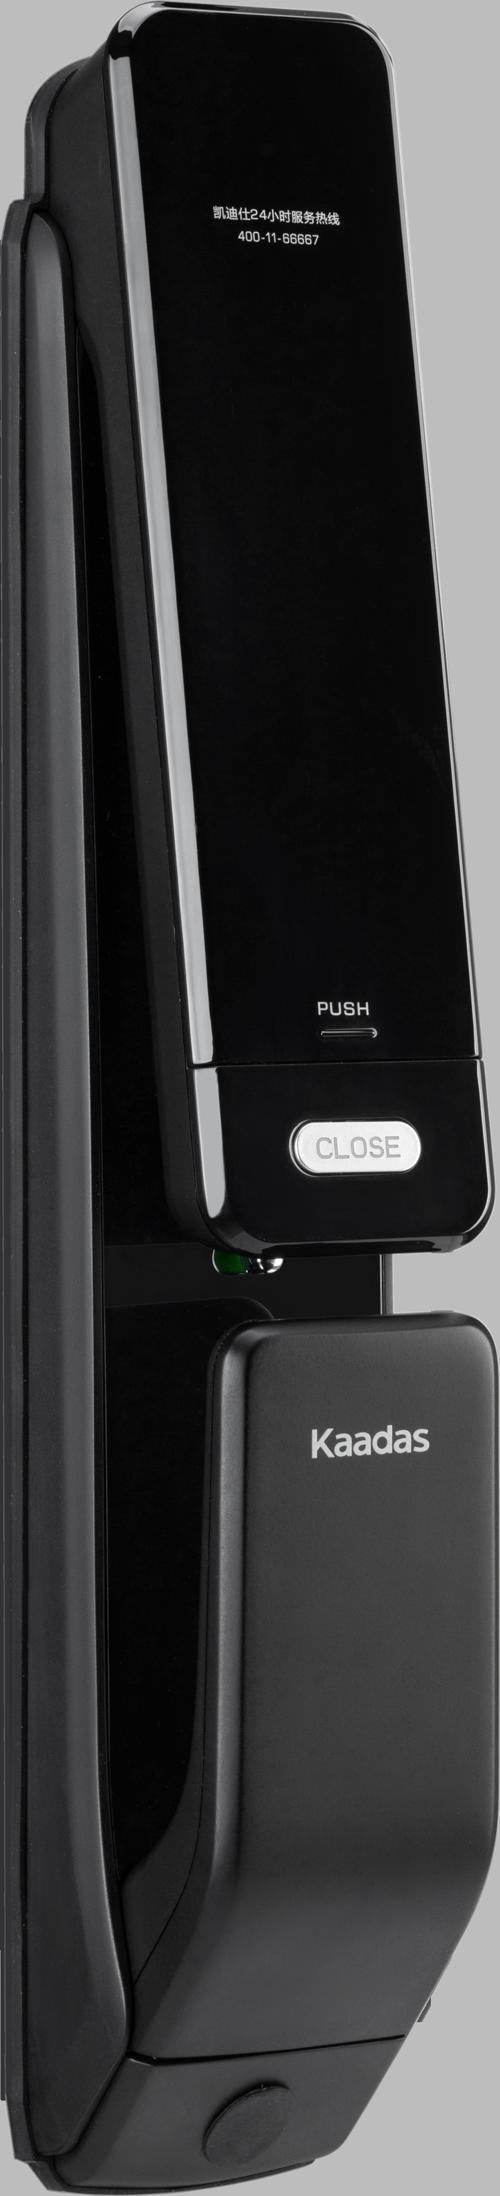 Kaadas KXT - замок электронный биометрический на входную дверь. Вид внутри.